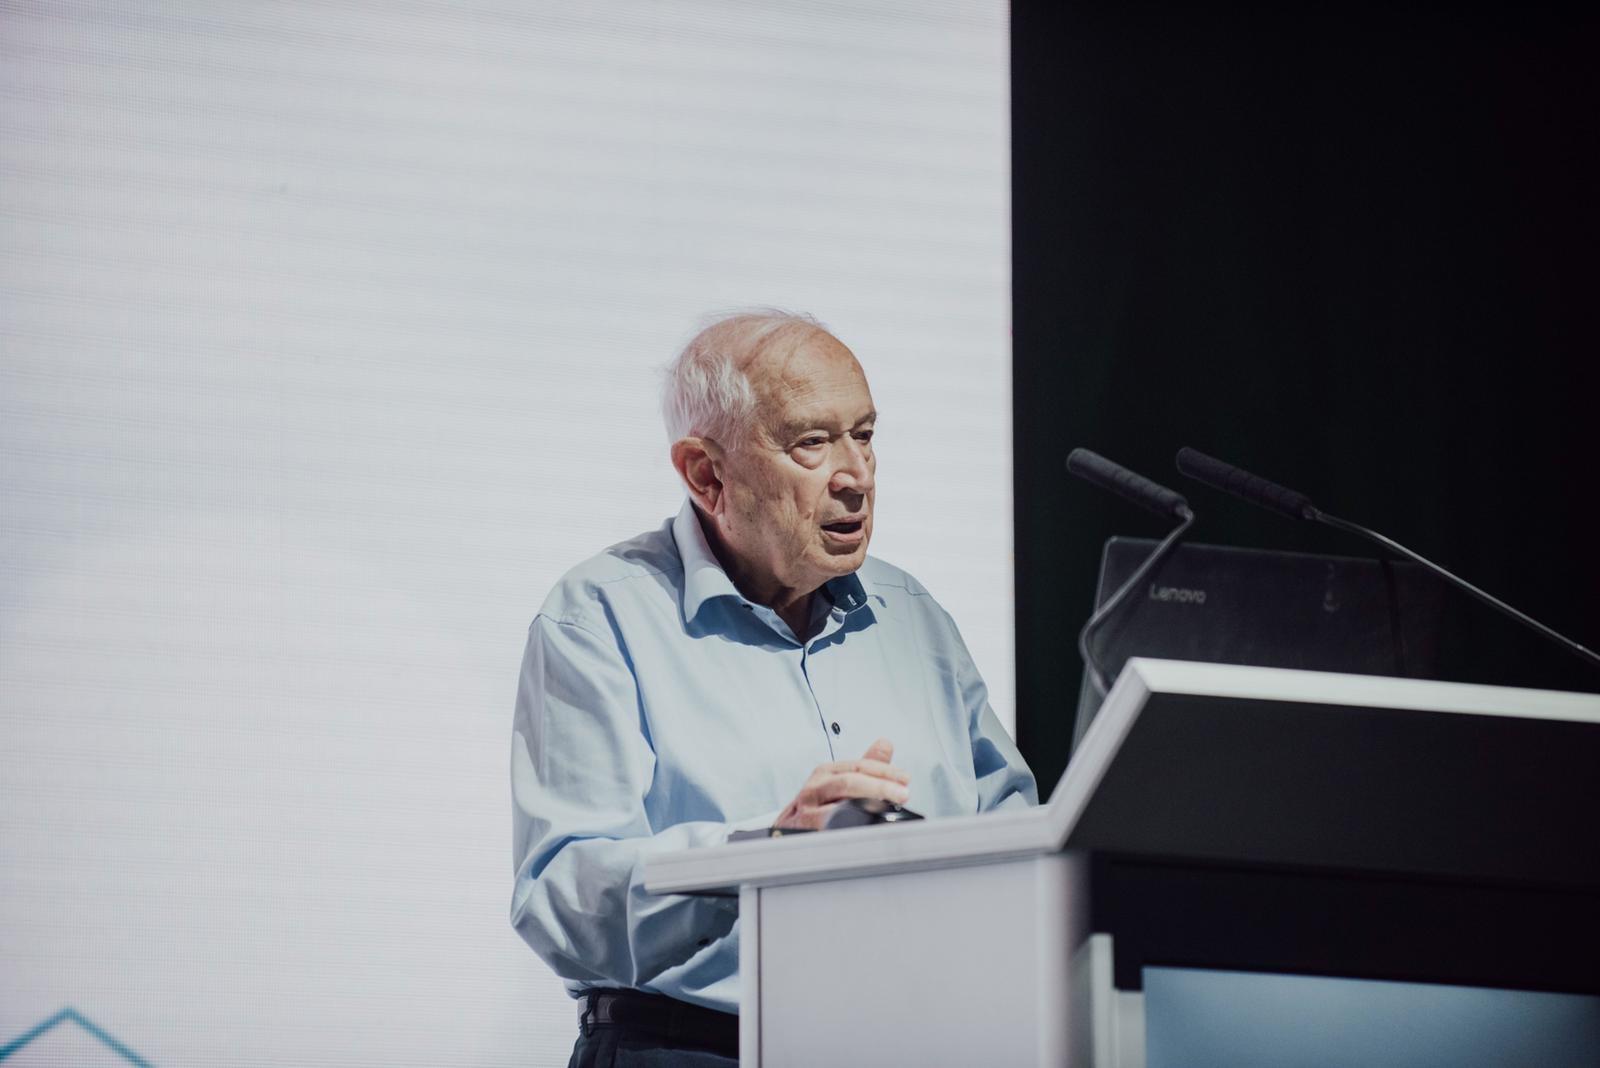 Raphael Mechoulam, o primeiro cientista a isolar e estudar os componentes da Cannabis na década de 1960, na abertura da CannX 2019 (Foto: Divulgação)